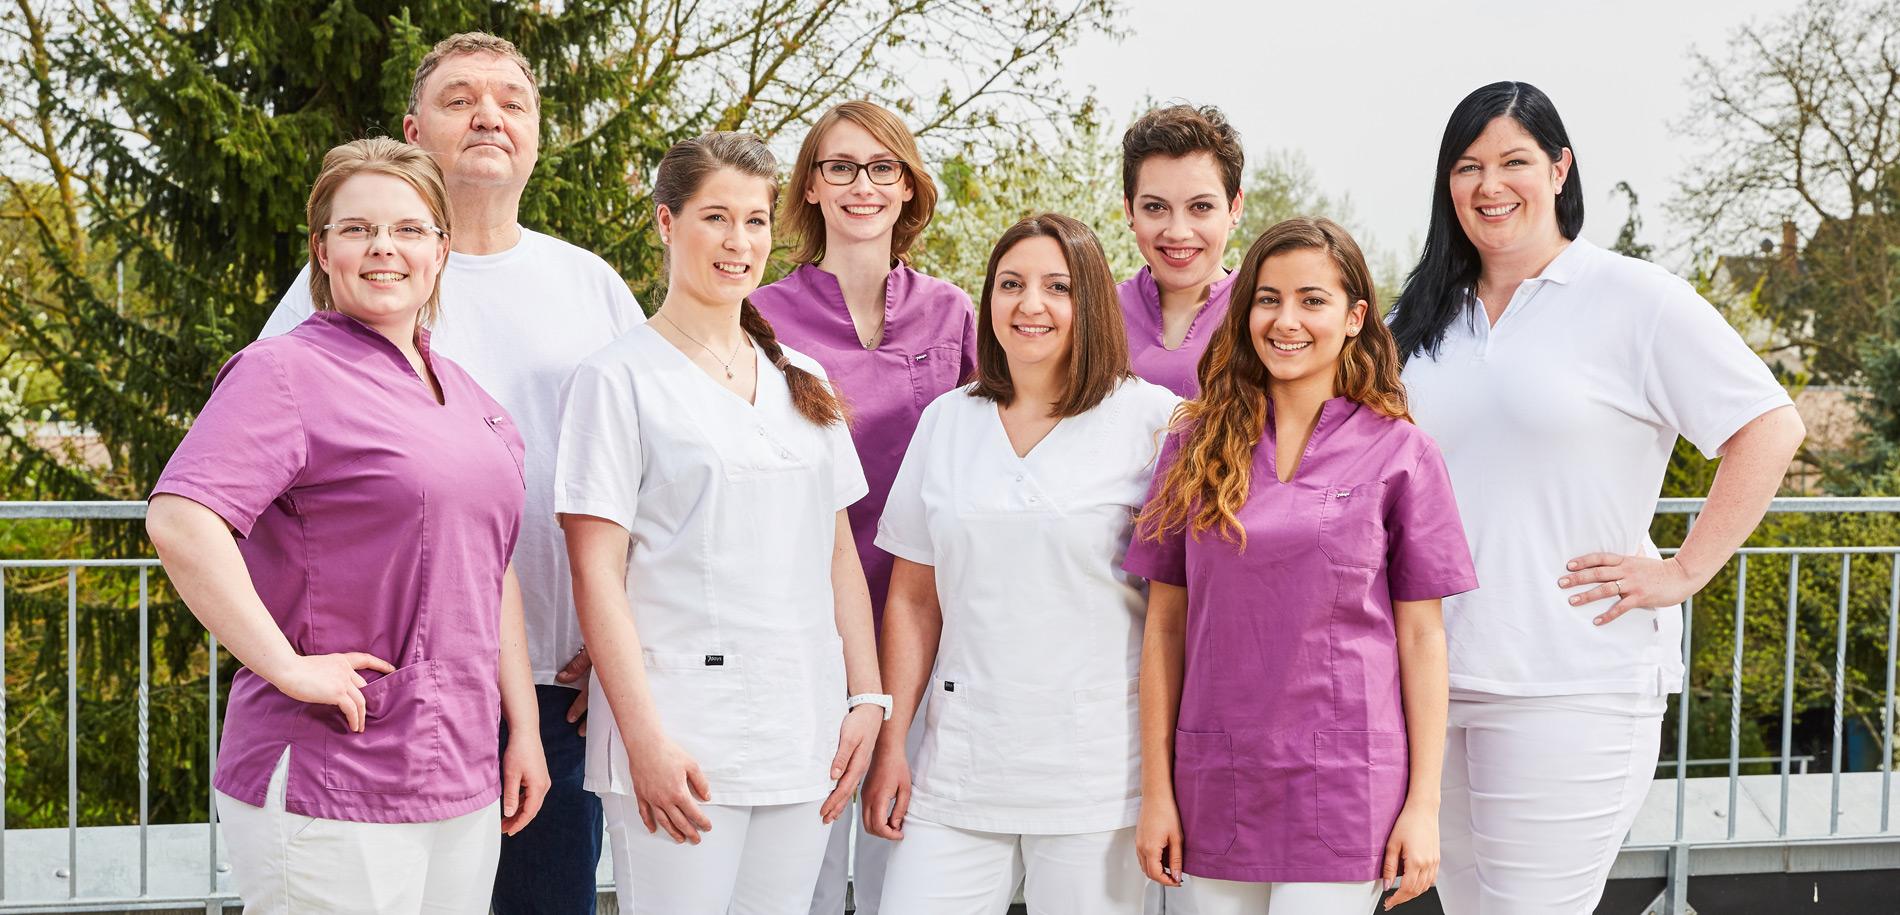 Zahnarztpraxis  Zahnrhein in Walluf - Team 1